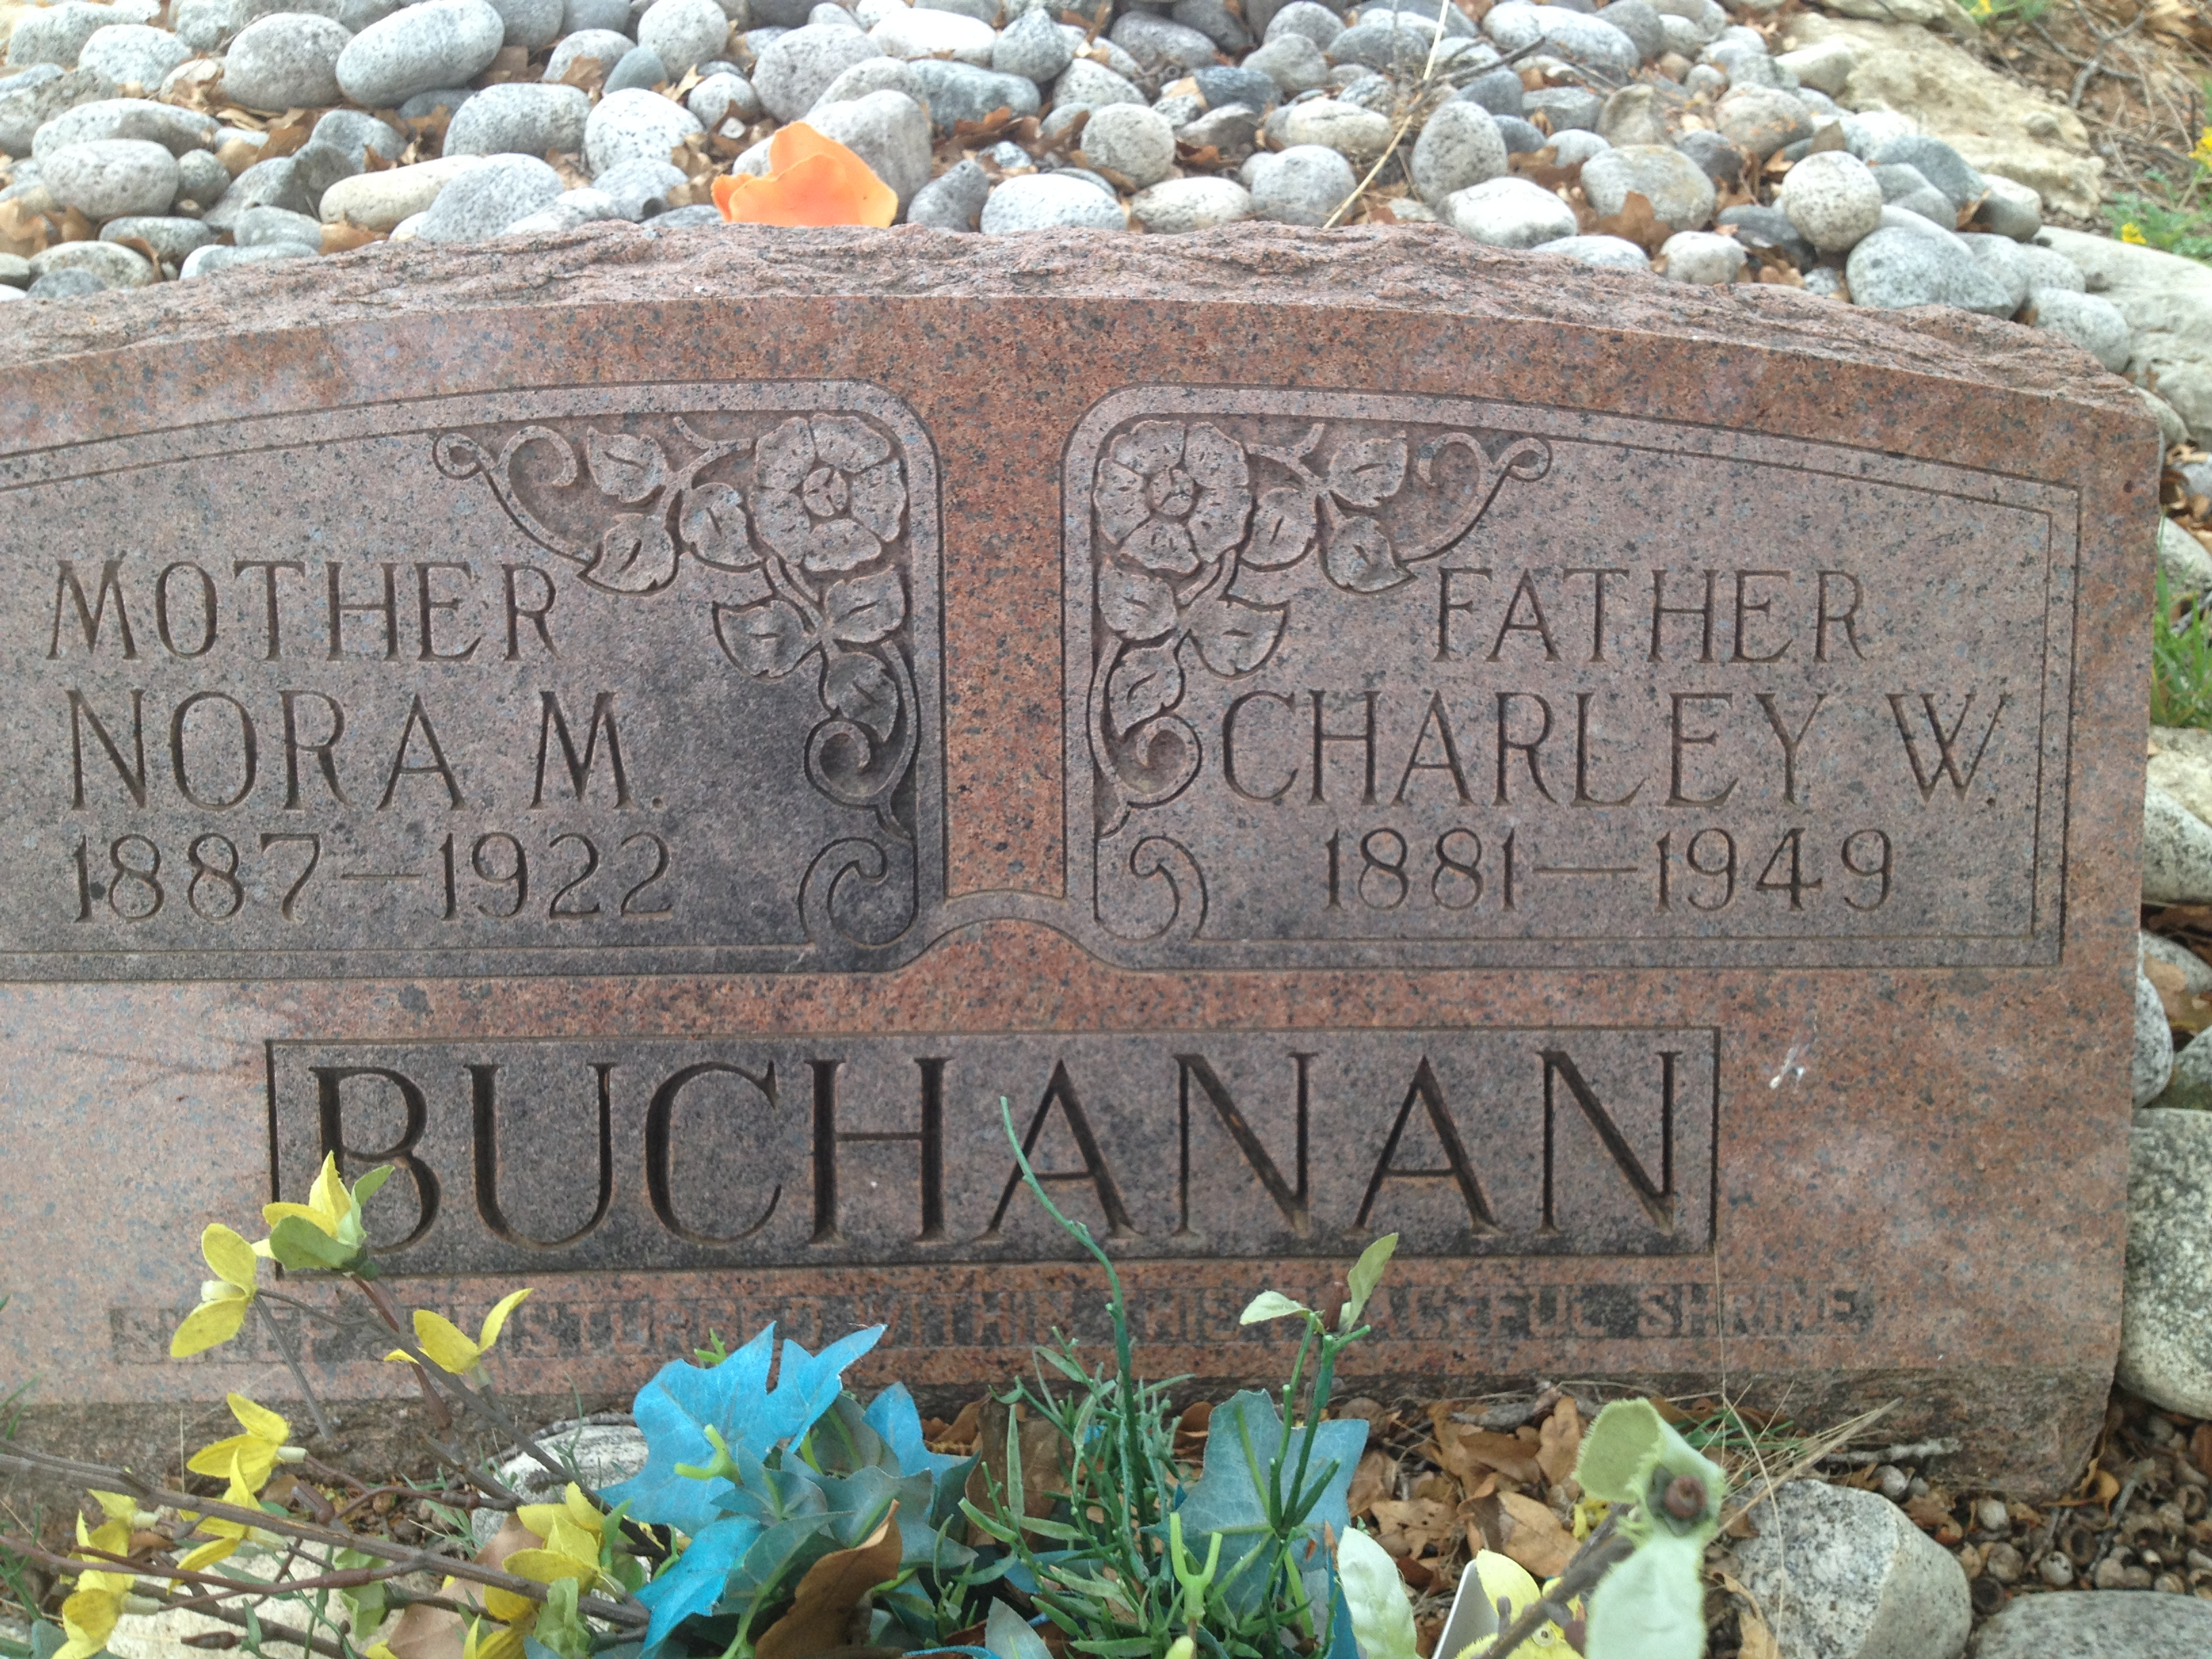 Charley Webster Buchanan